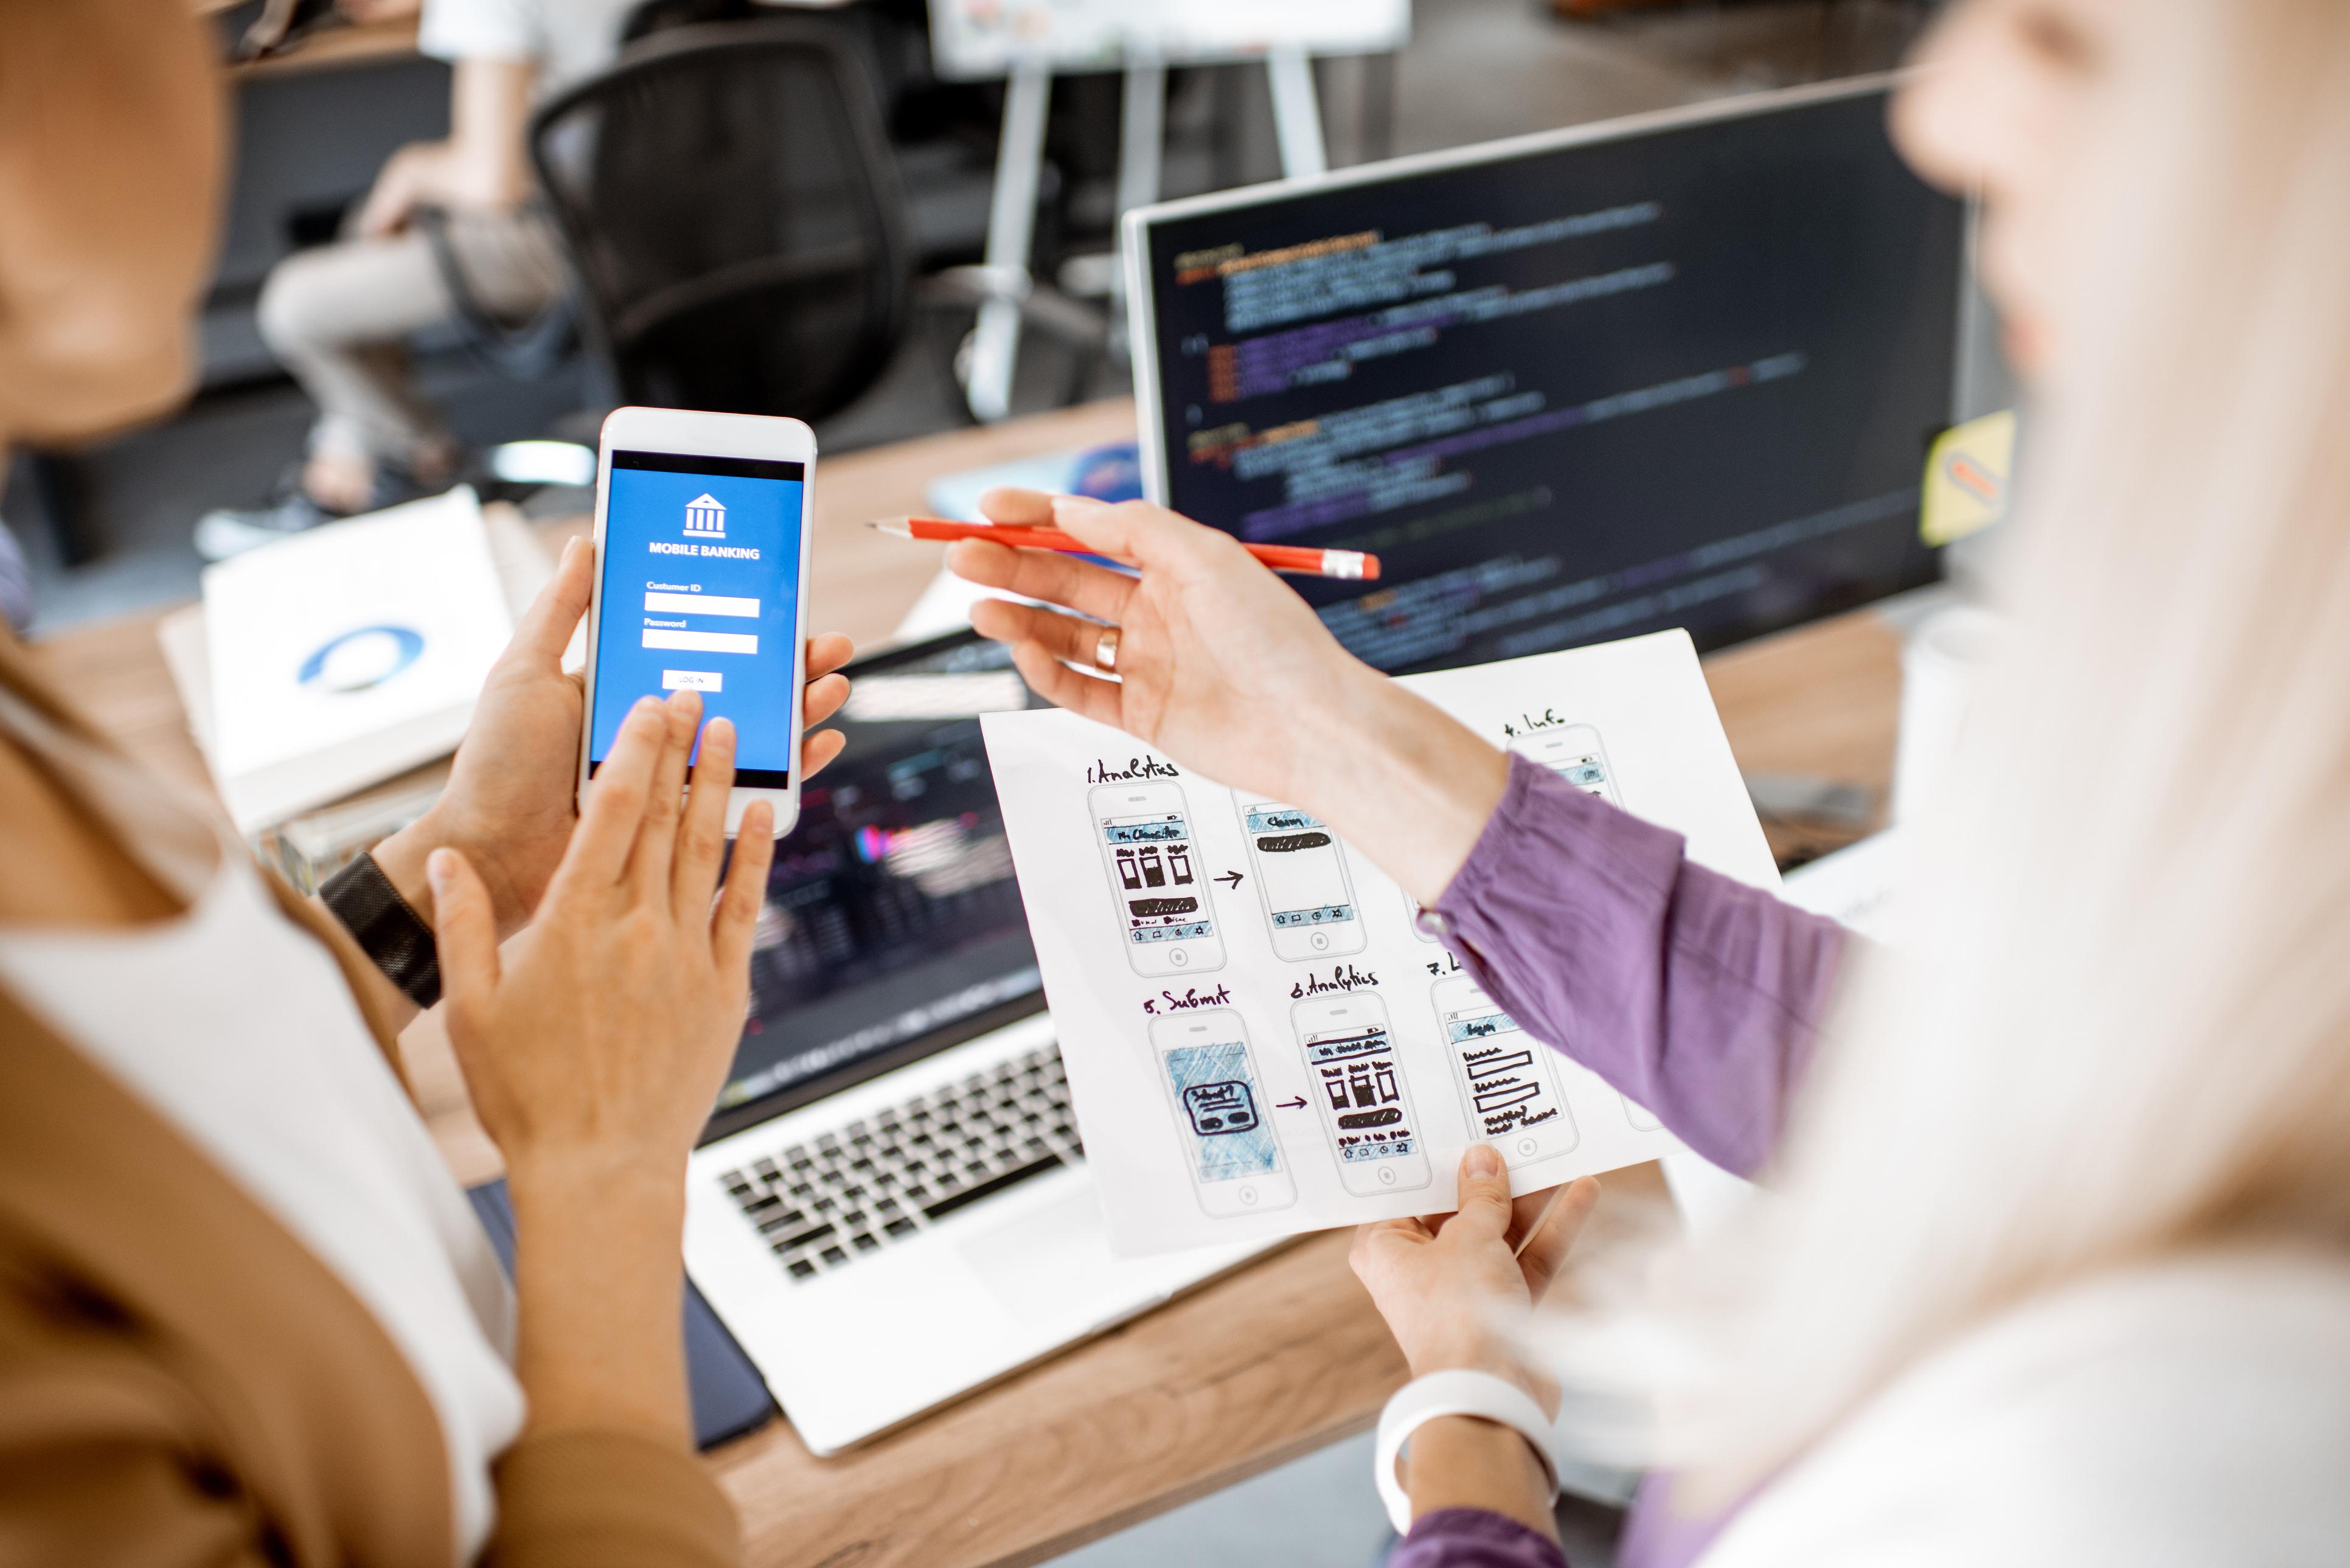 Business Website: Goals and Design Work Together